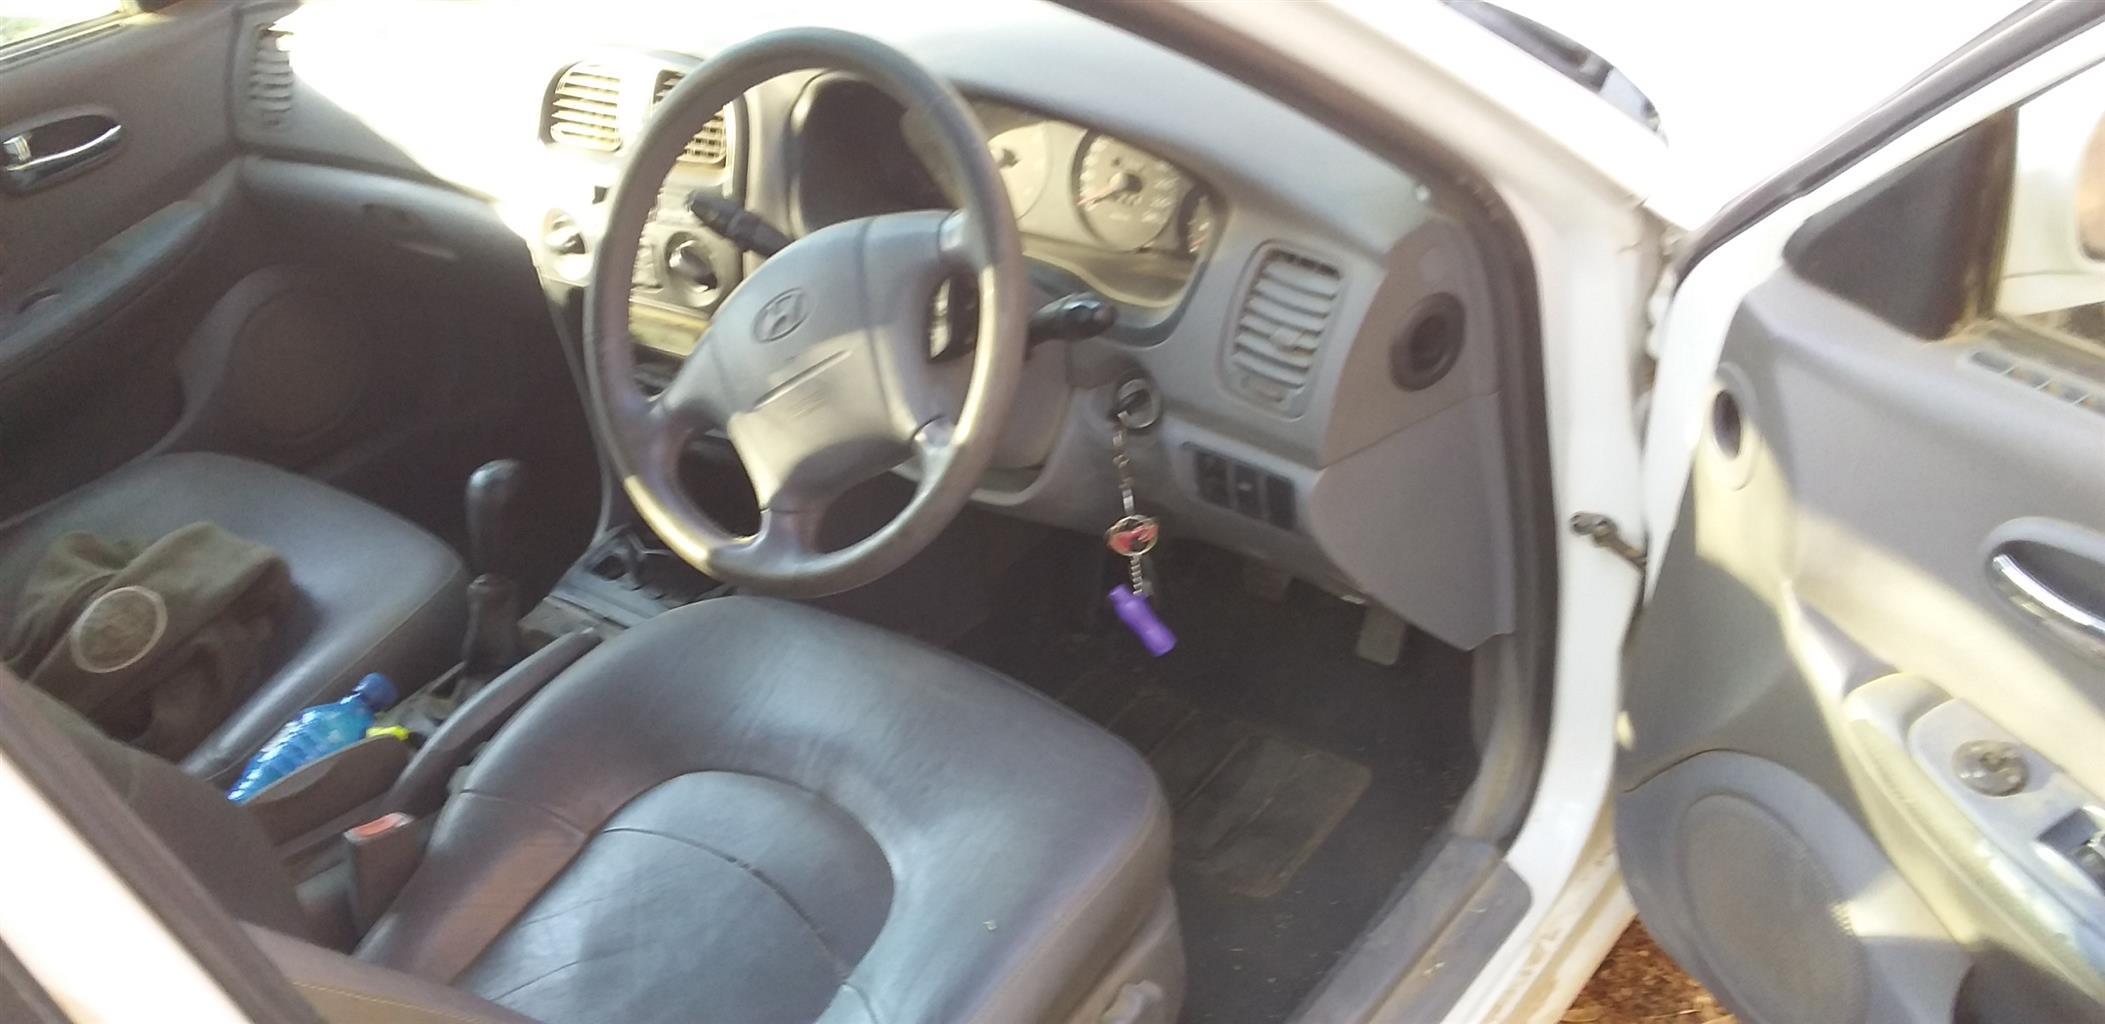 2004 Hyundai Sonata 2.7 V6 GLS